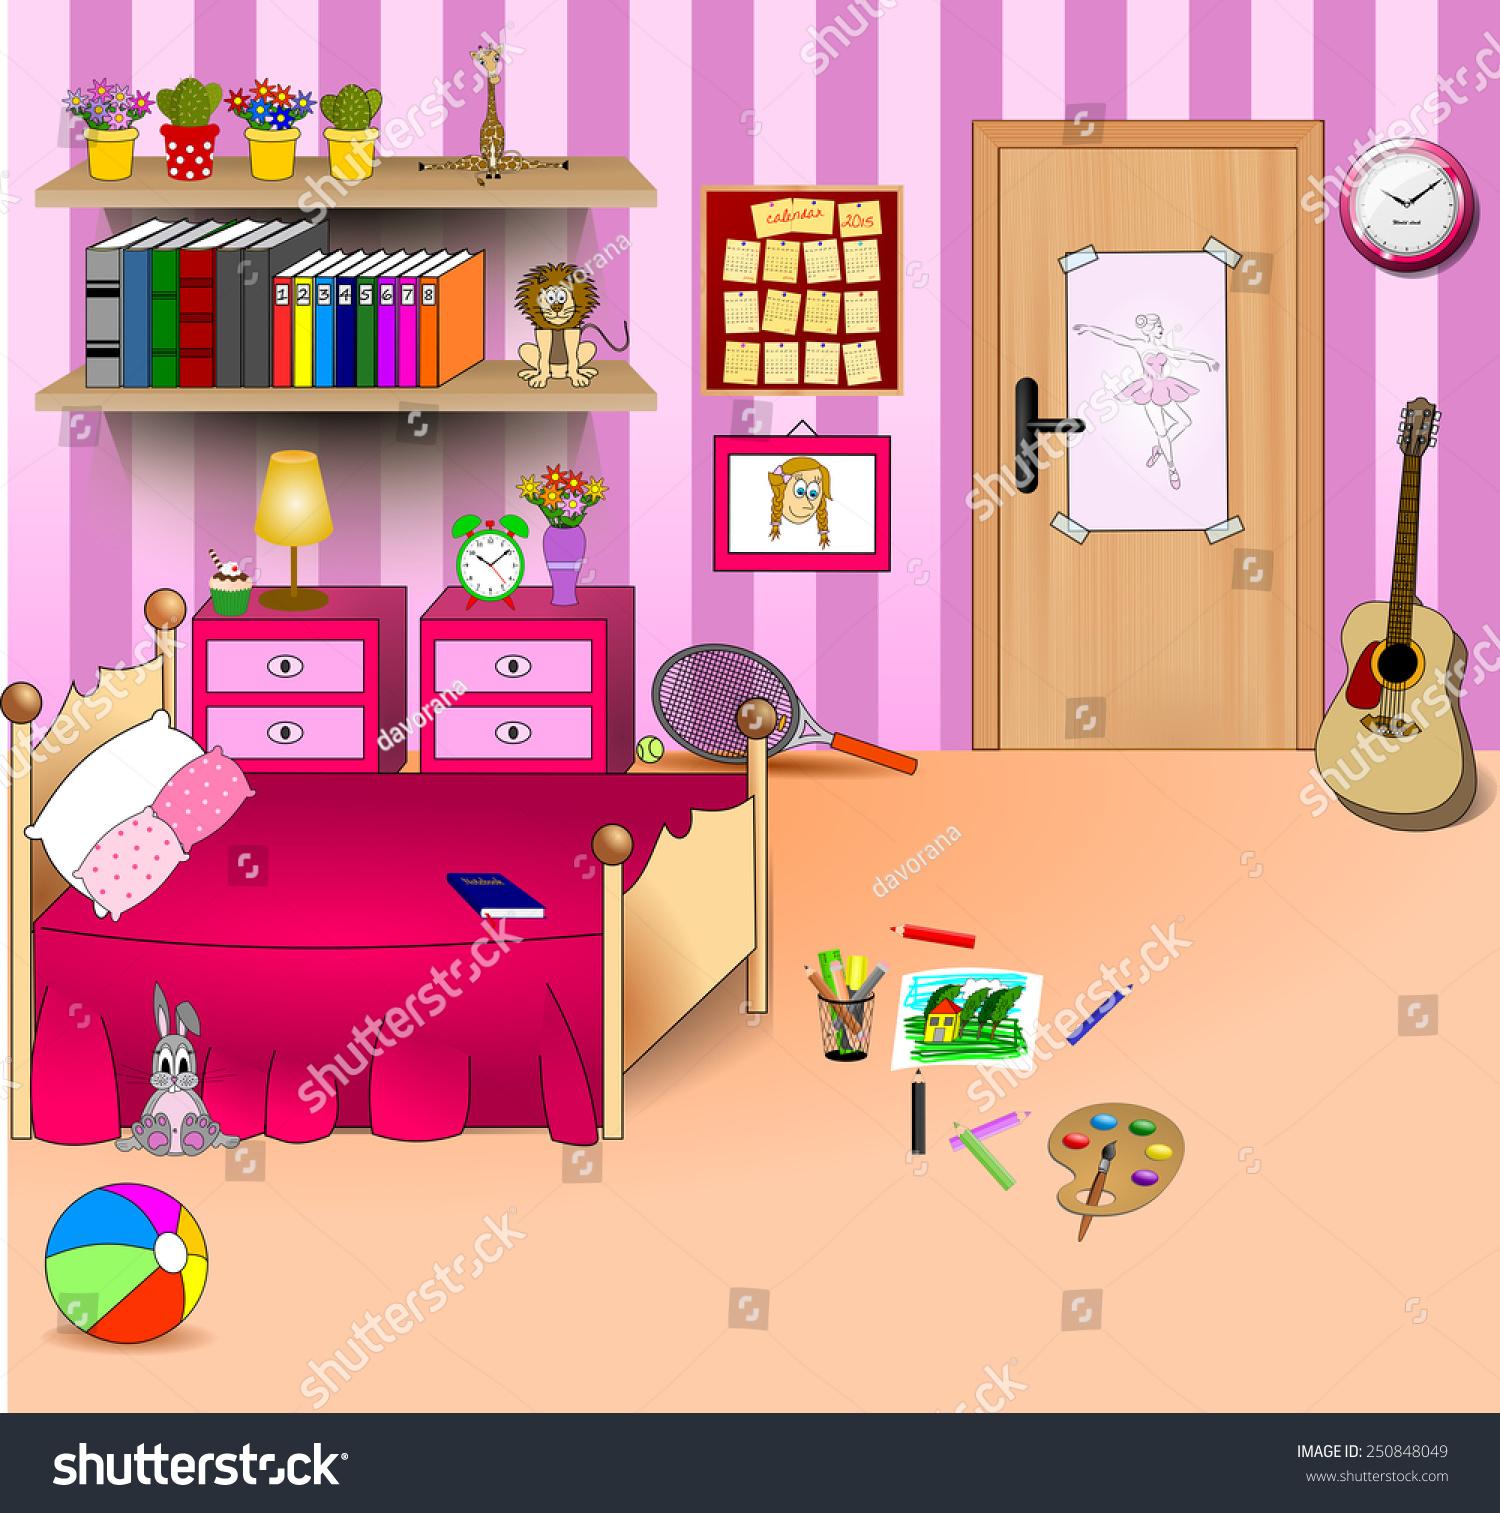 Cartoon Room: Kid Bedroom Vector Art Image Illustration Stock Vector